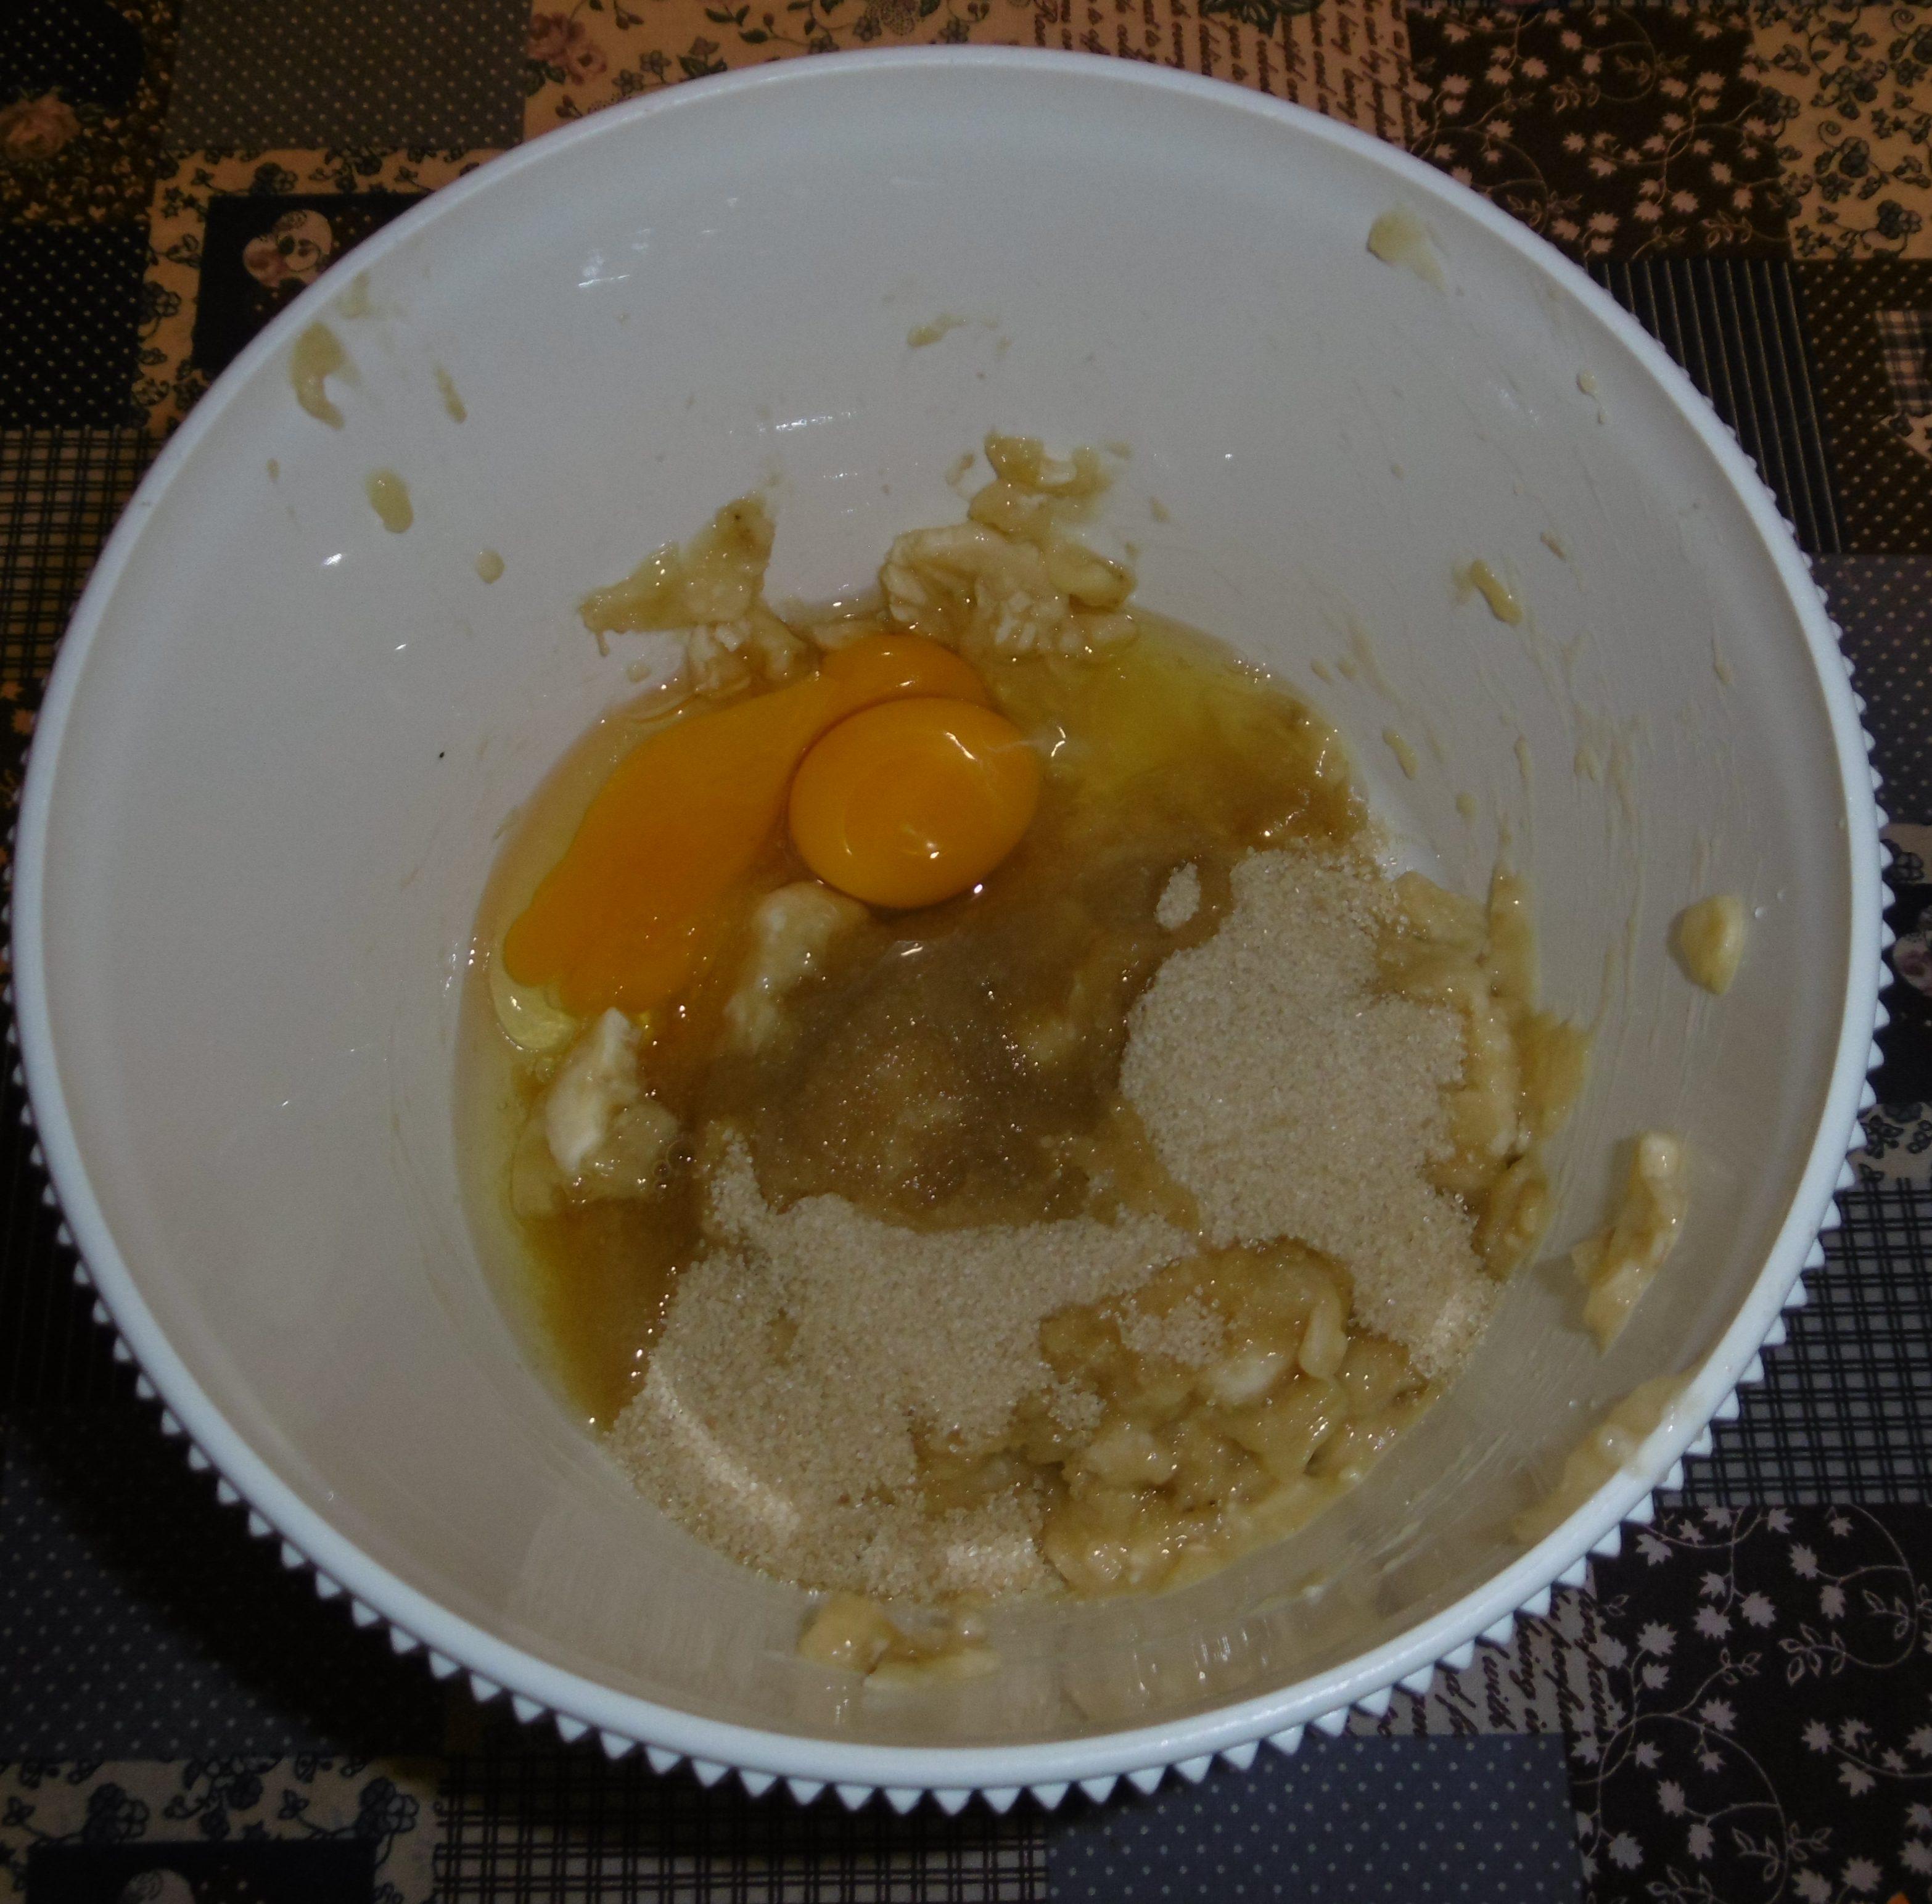 Muffin banane e cioccolato senza burro - Aggiunta uovo e zucchero